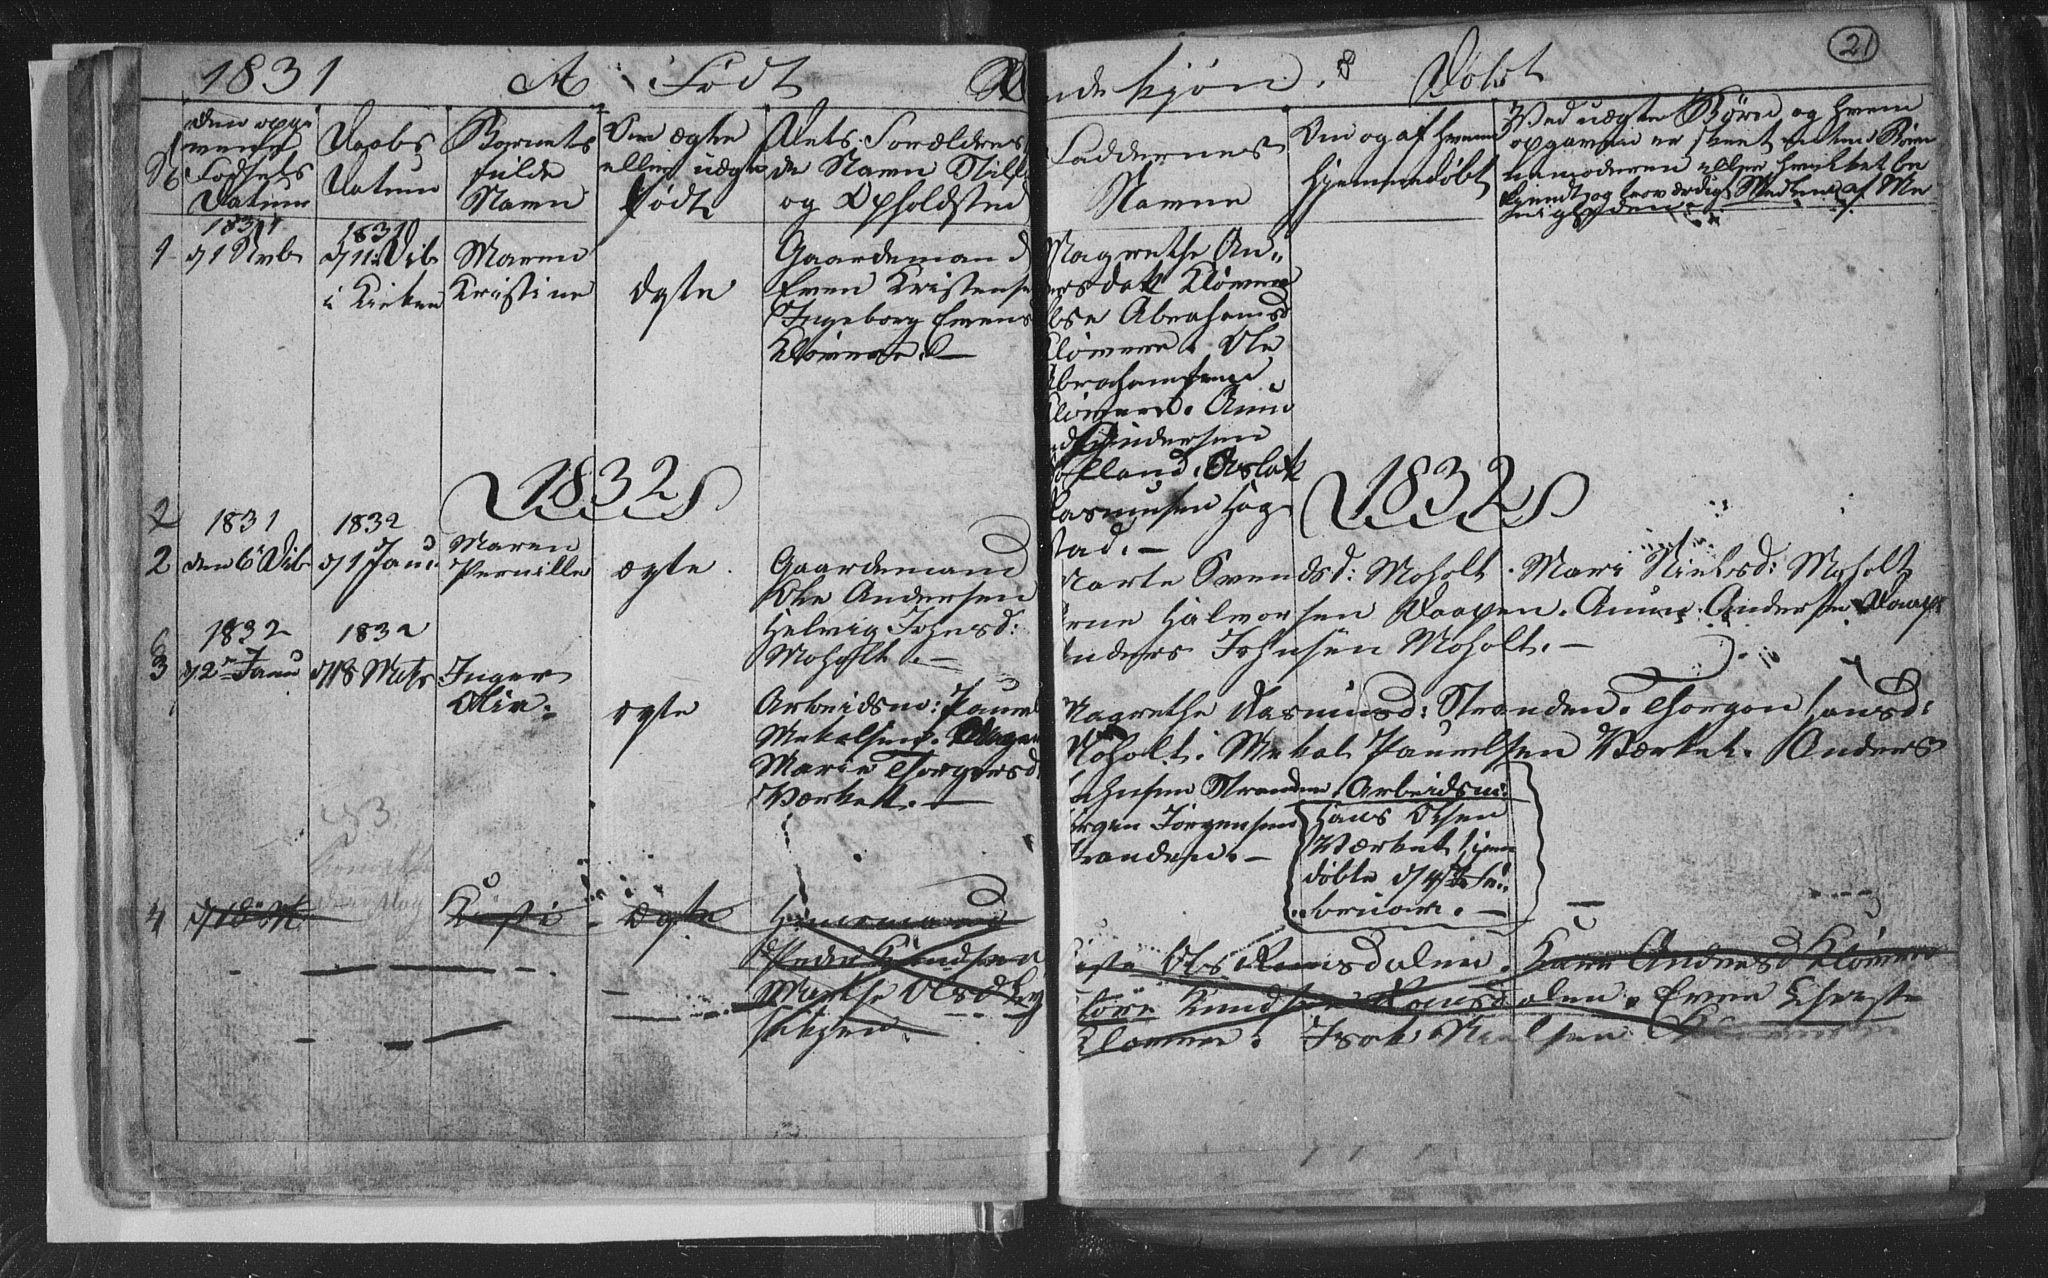 SAKO, Siljan kirkebøker, G/Ga/L0001: Klokkerbok nr. 1, 1827-1847, s. 21